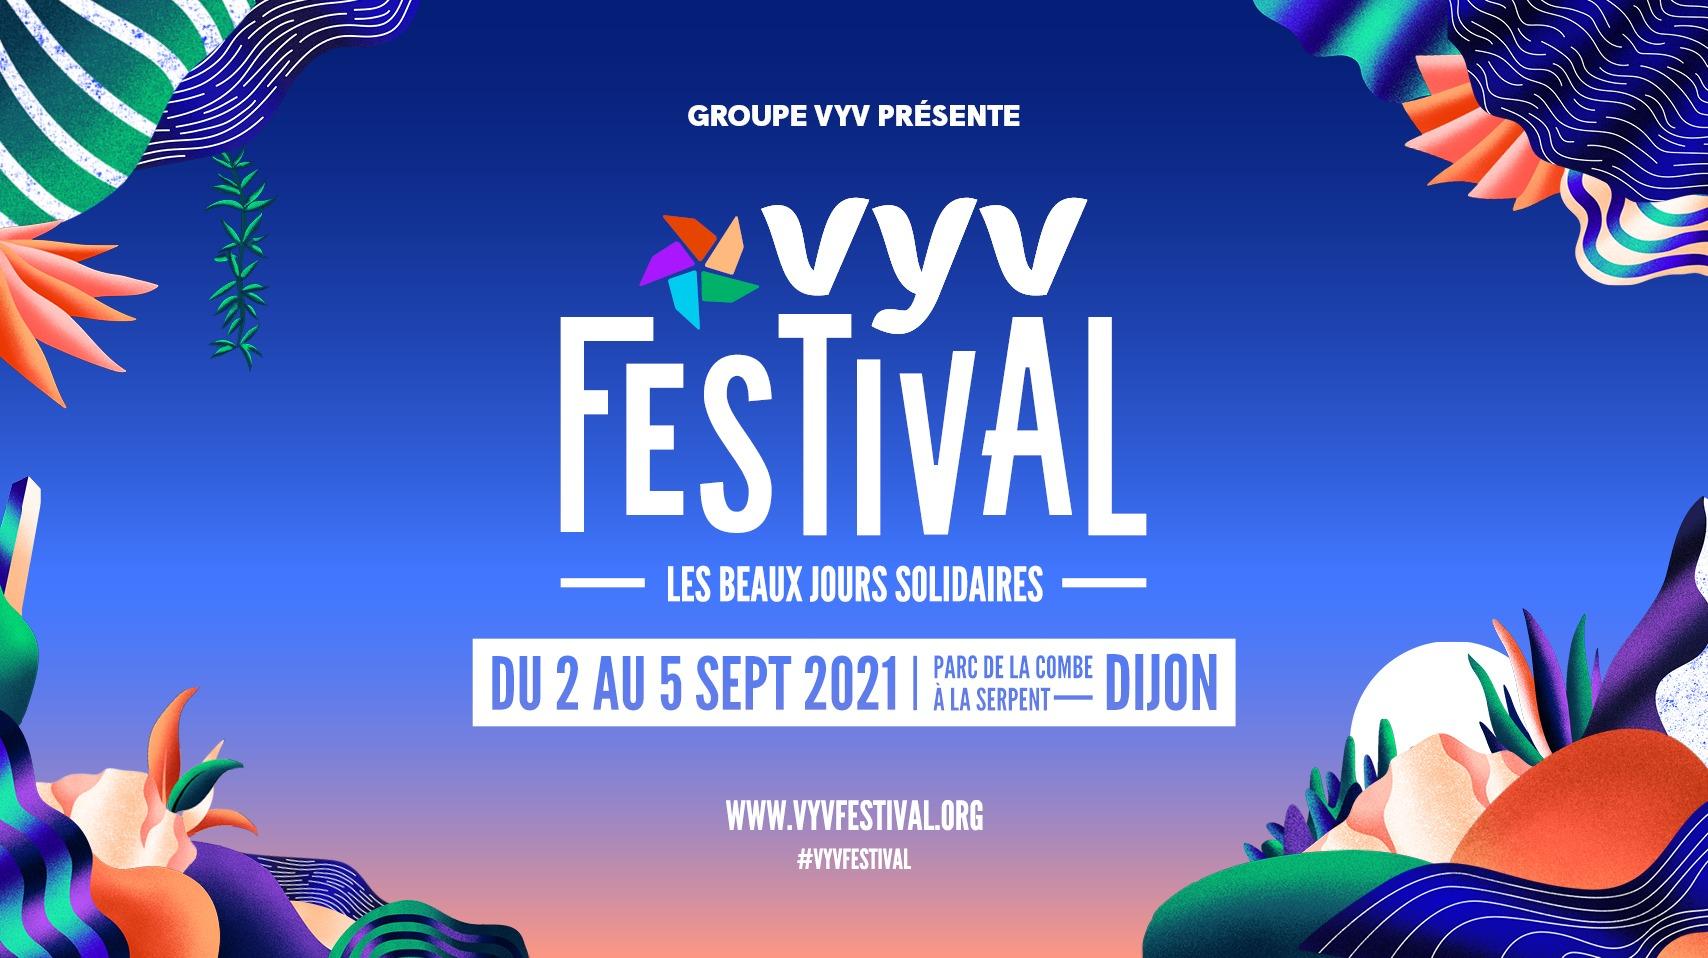 Report du VYV Festival du 2 au 5 septembre prochain